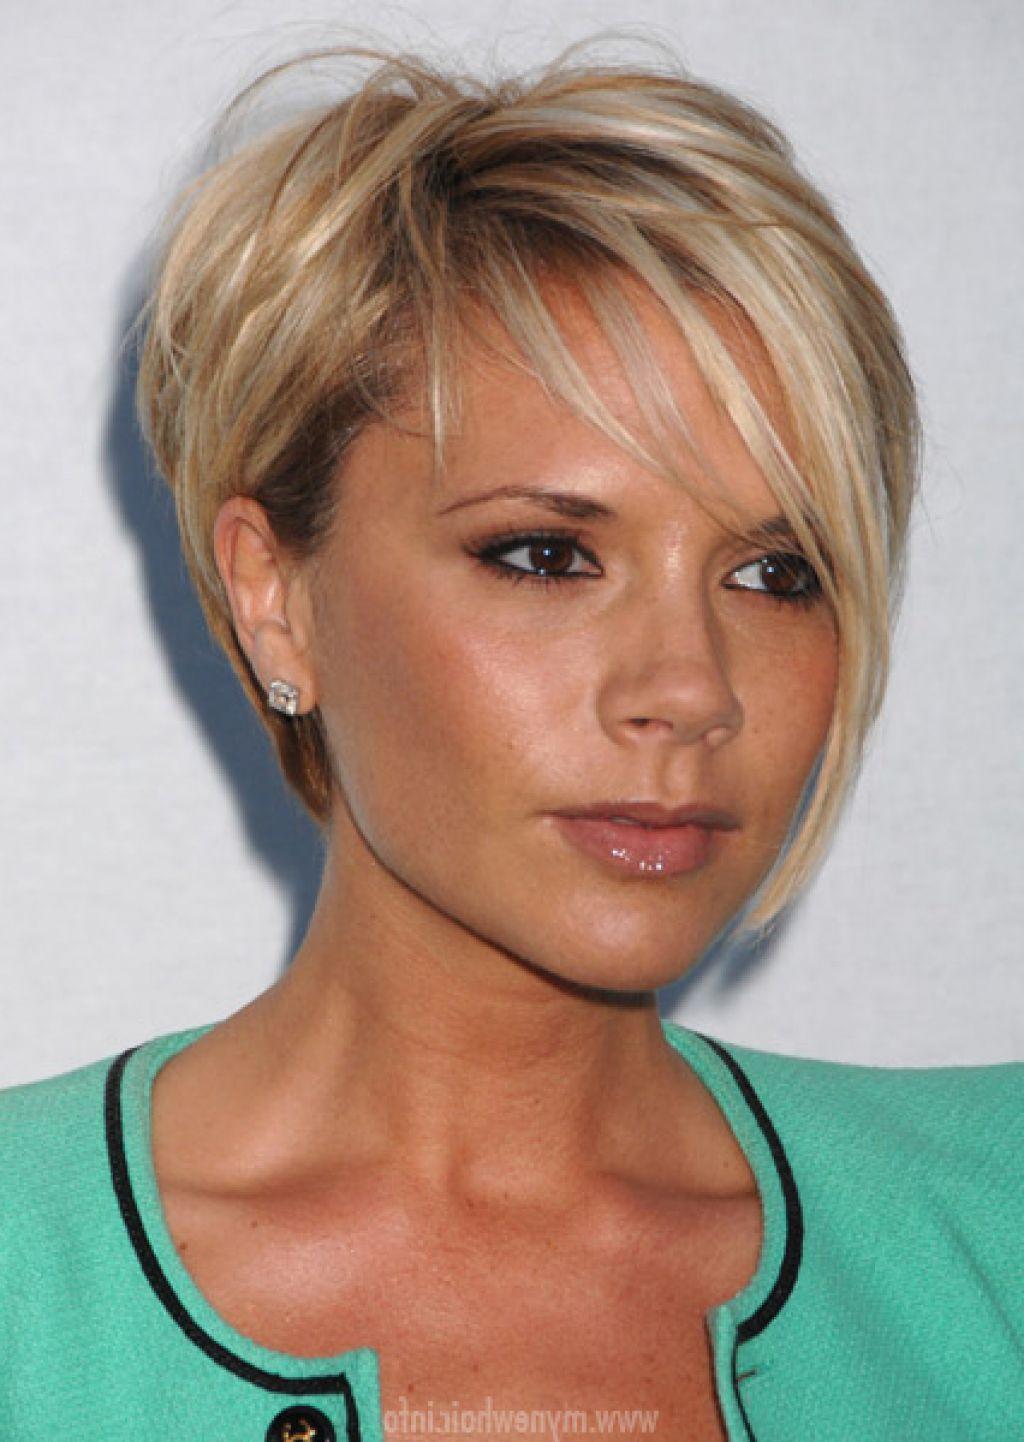 Anmutigen Victoria Beckham Frisuren #TrendFrisuren  Beckham hair